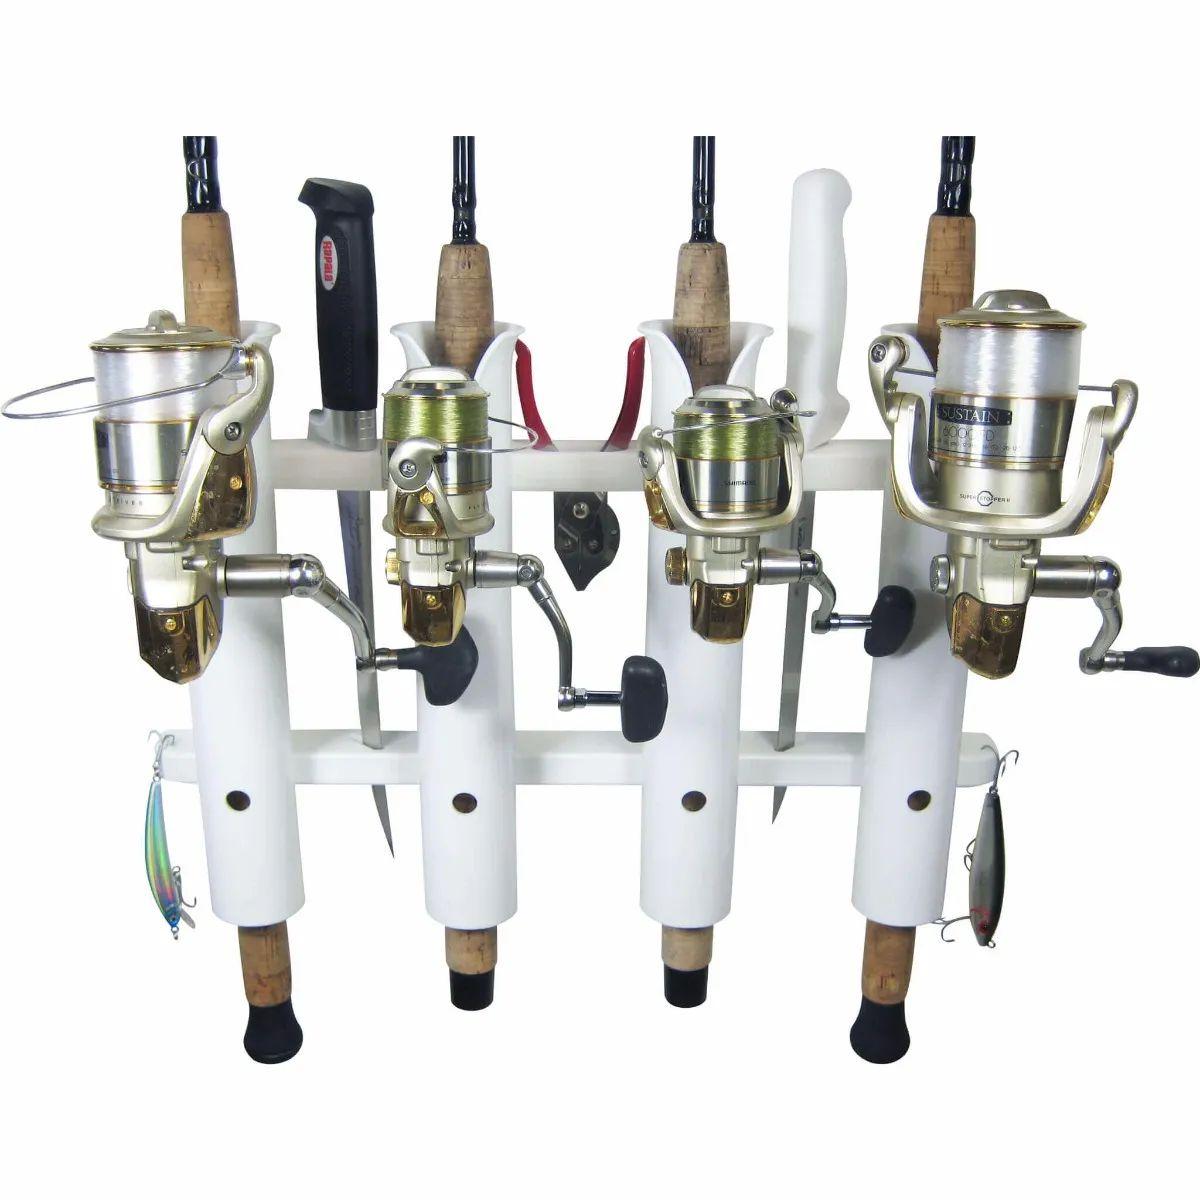 4 rod deluxe fishing rod holder rack white